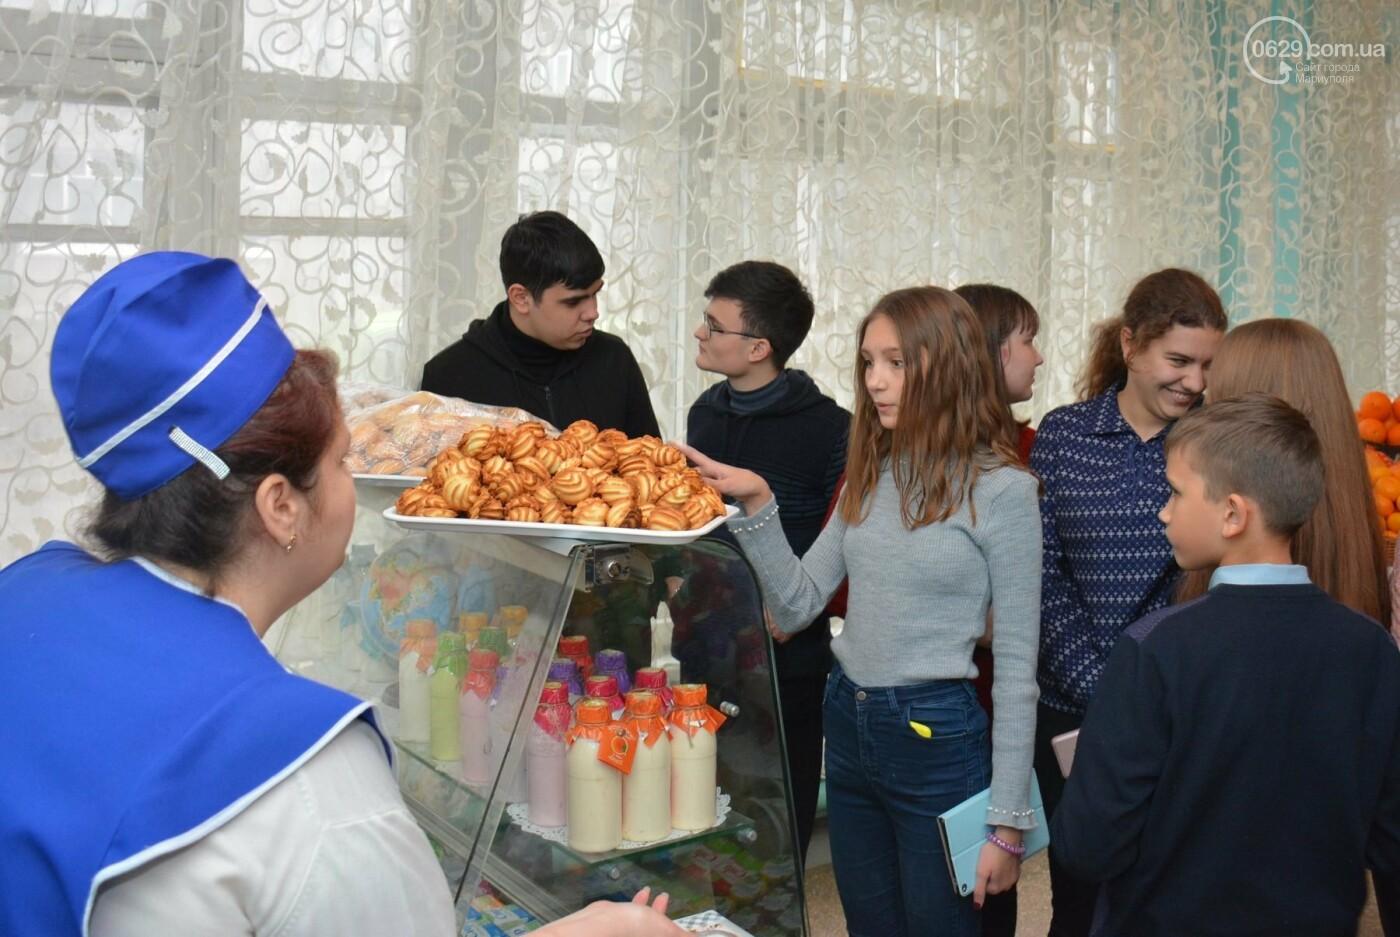 Больше молочных и мясных блюд, свежих овощей и фруктов: в ОШ № 15 представили обновленное меню для школьников., фото-37